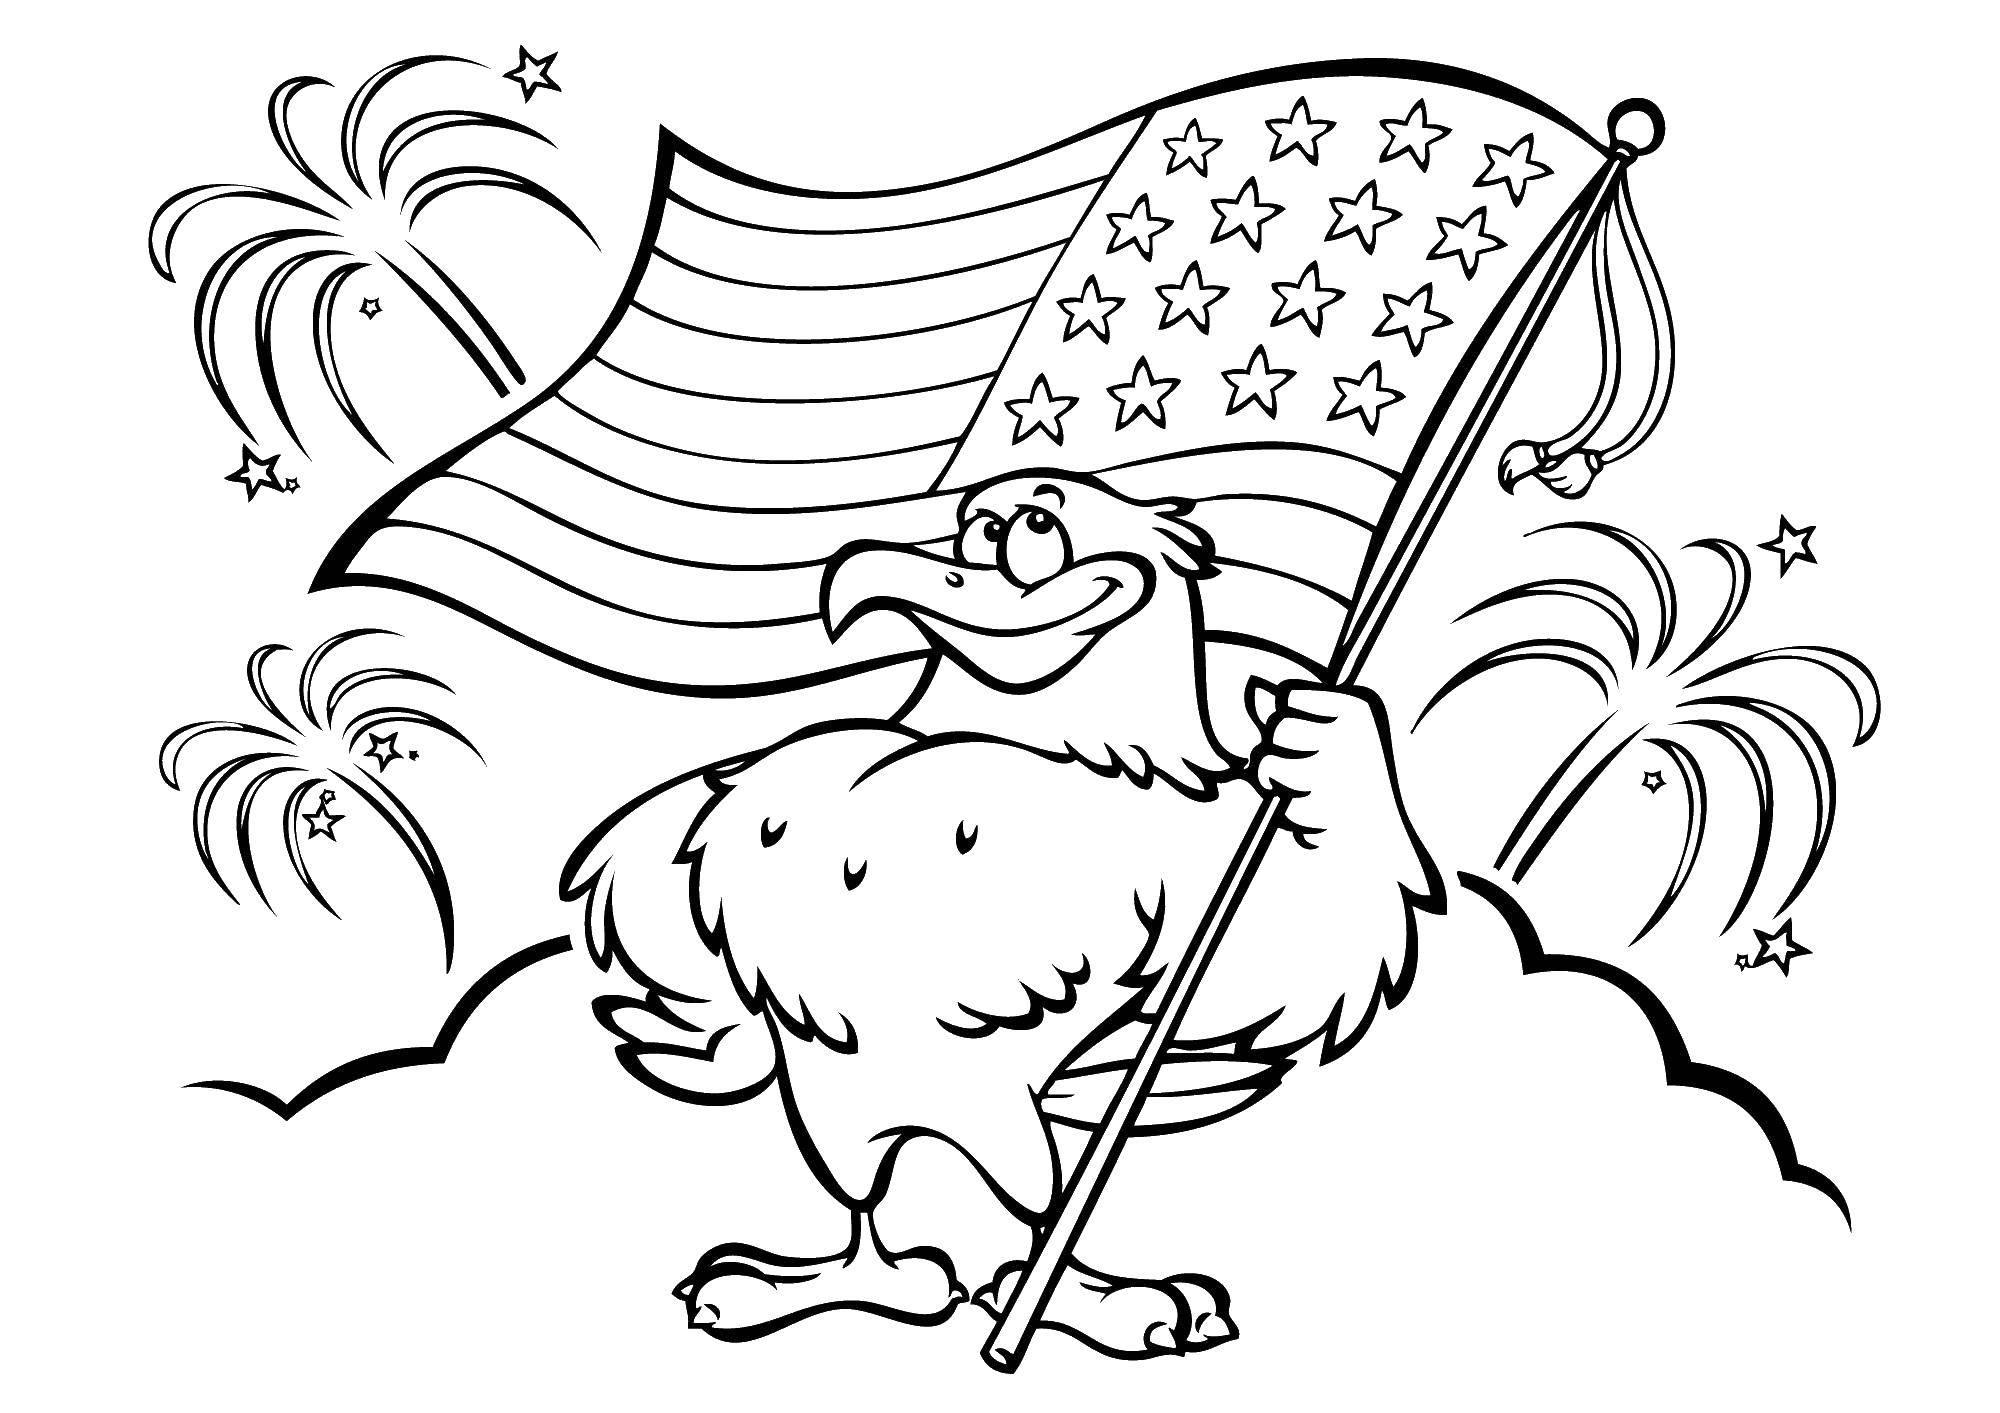 Раскраска Орел с флагом америки Скачать США, Америка, флаг.  Распечатать ,США,